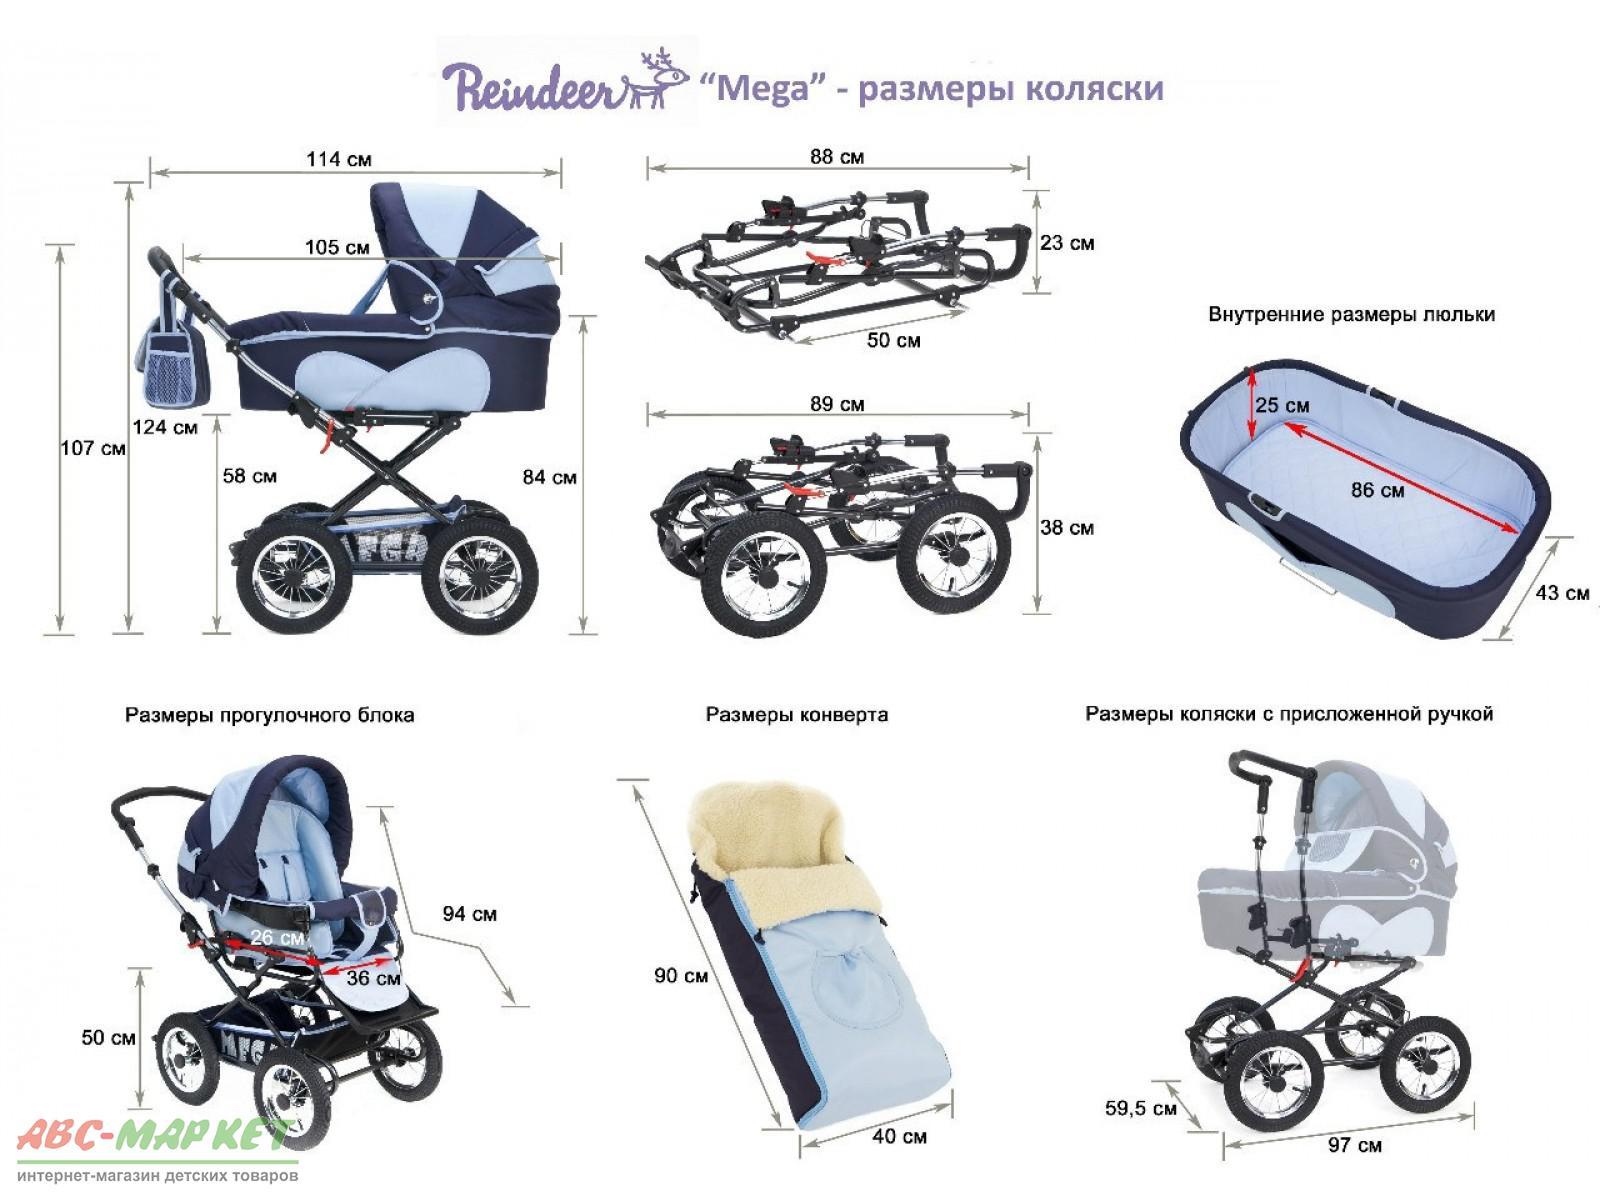 Коляски для новорожденных: виды, характеристики, критерии выбора, особенности использования, «плюсы» и «минусы»